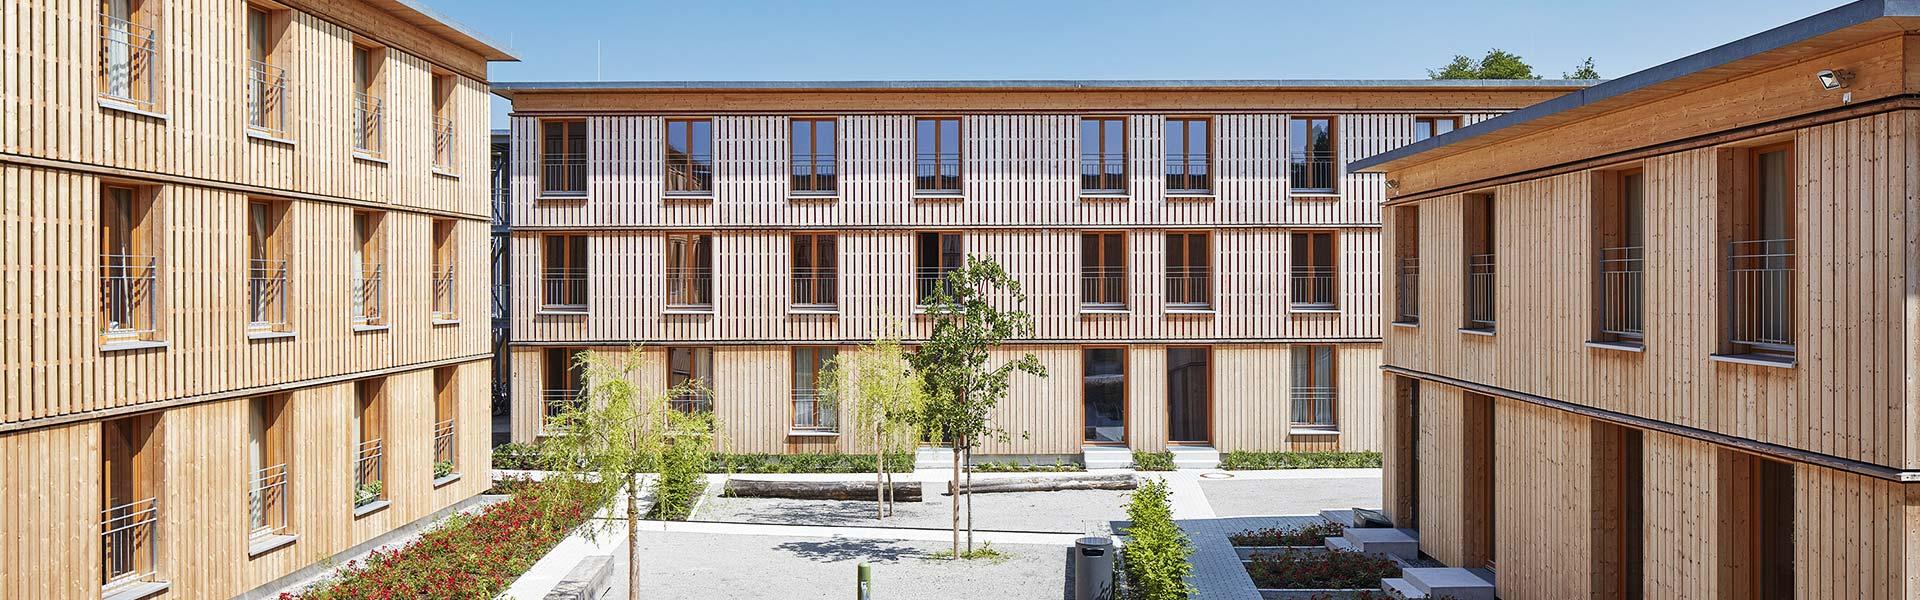 SCHWARZWALD CLT - Ansicht Holzgebäudekomplex